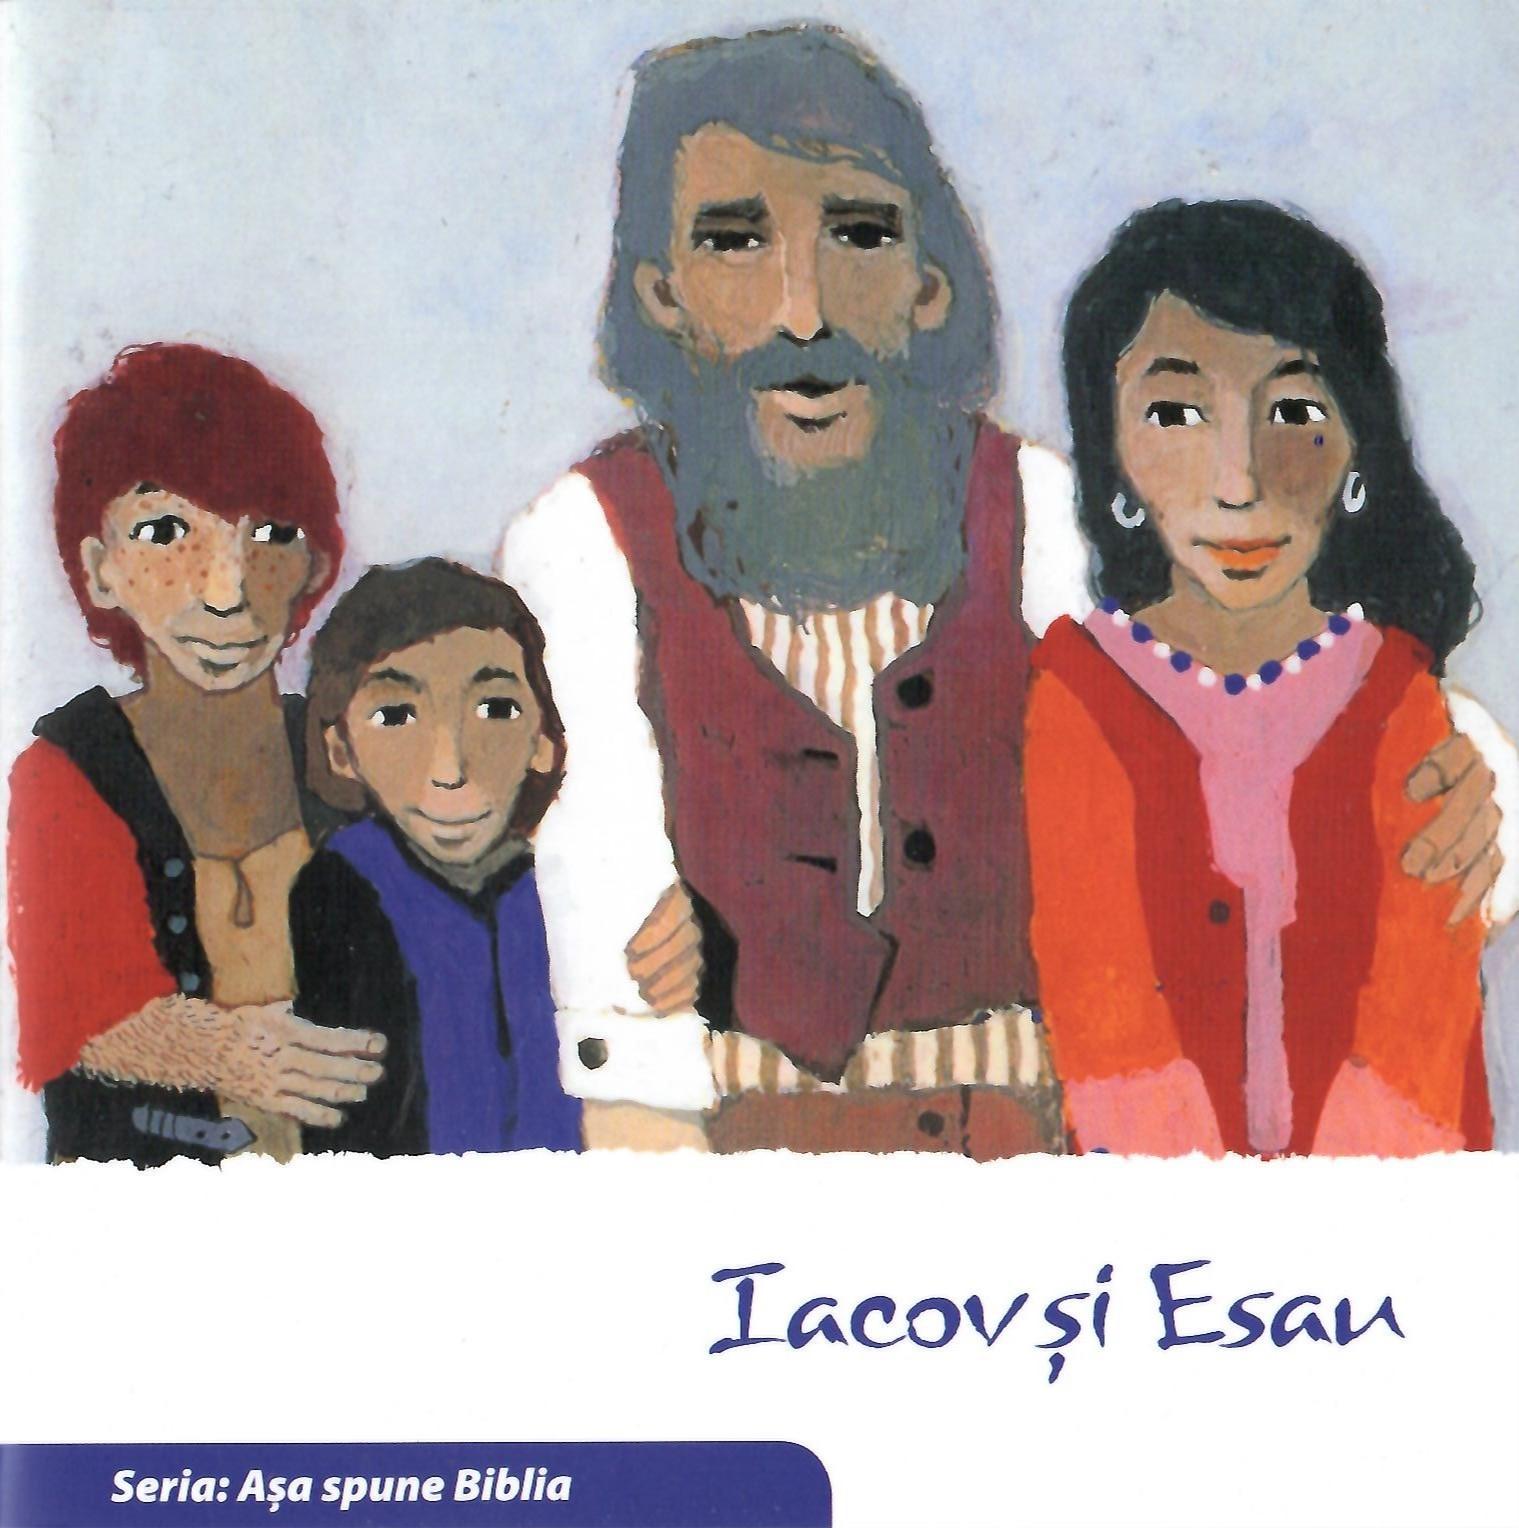 Iacov și Esau. Seria Așa spune Bilbia